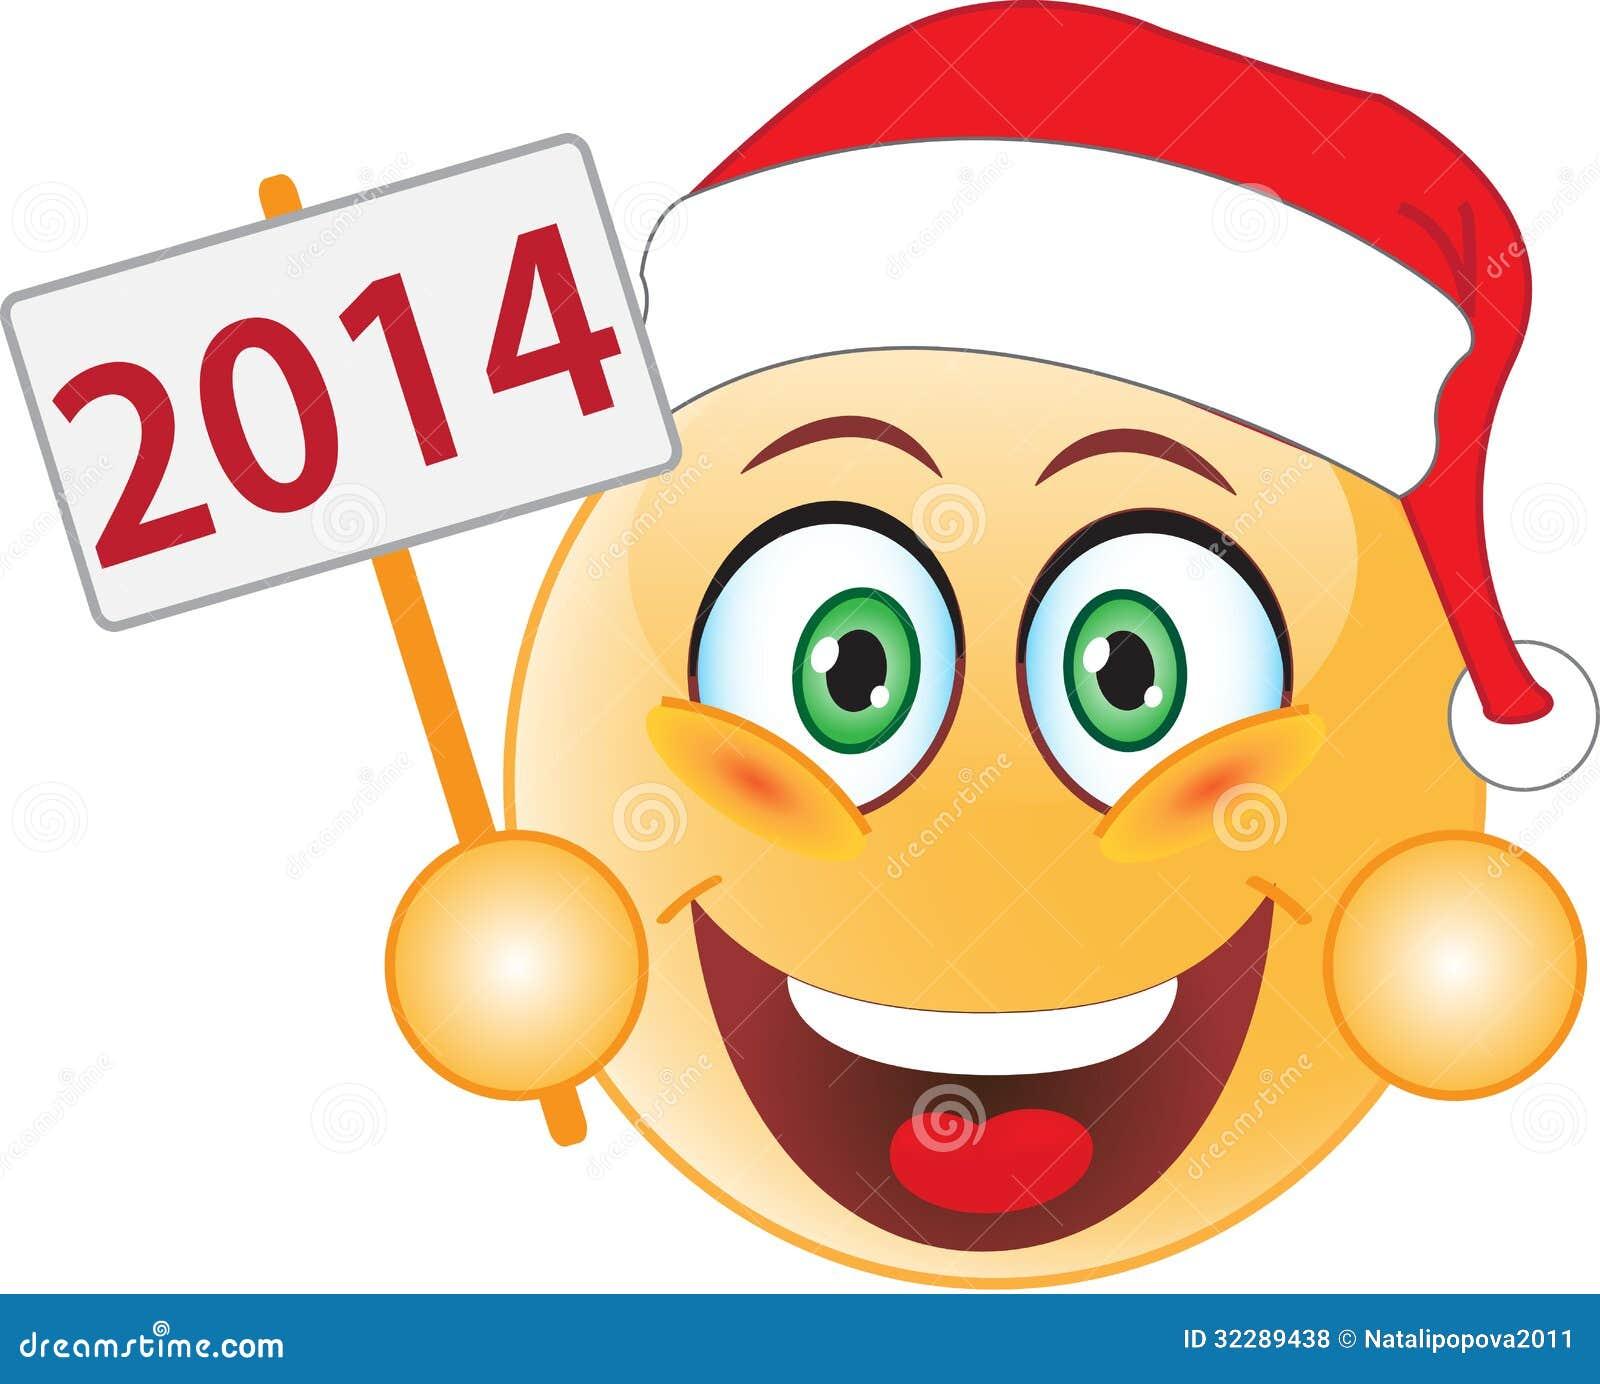 Lächeln-neues Jahr, Weihnachten. Lächeln. Stock Abbildung ...